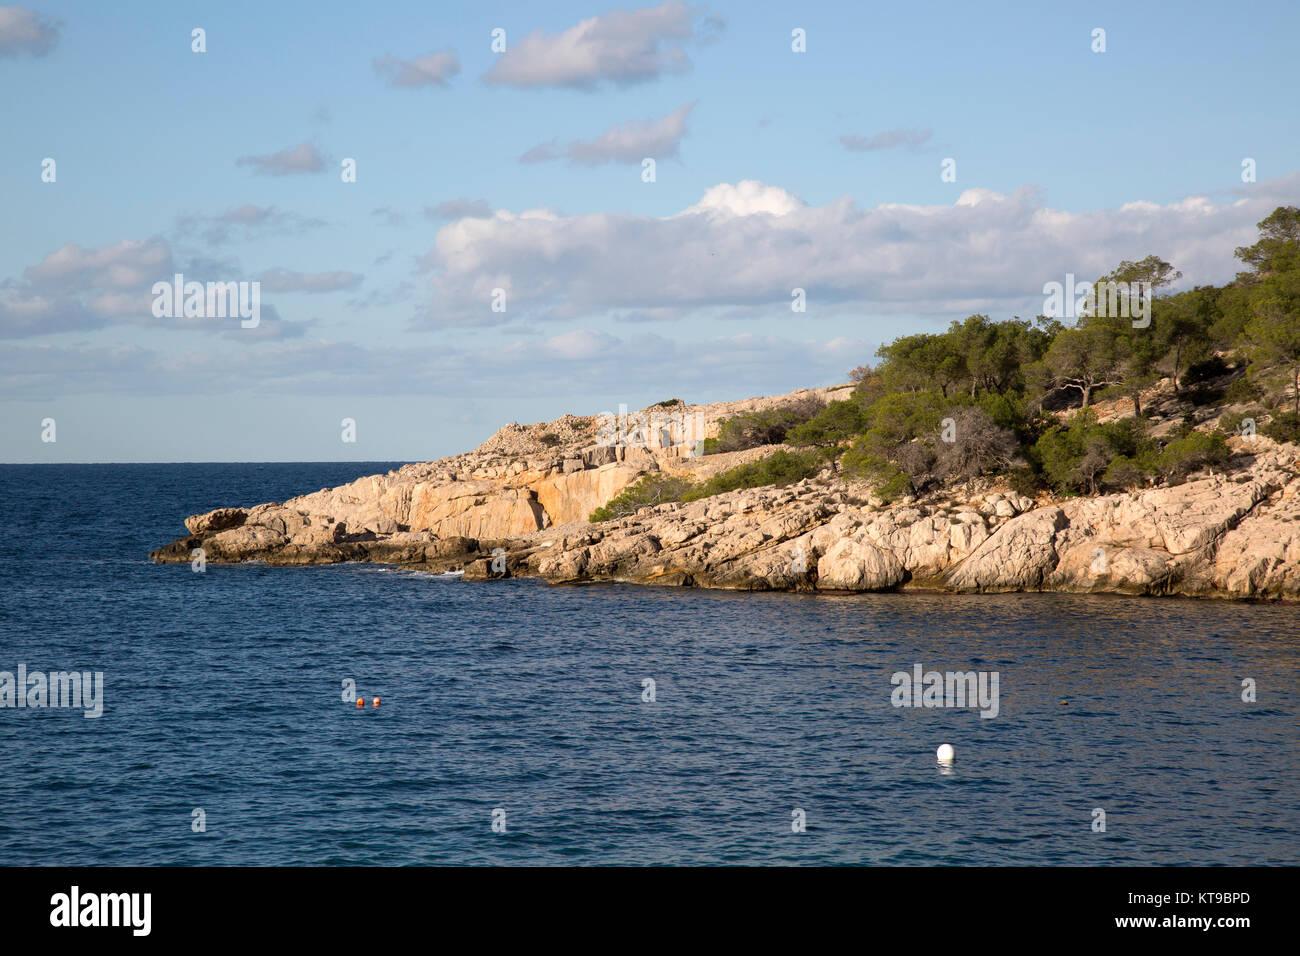 Cala Saladeta Stock Photos & Cala Saladeta Stock Images - Alamy